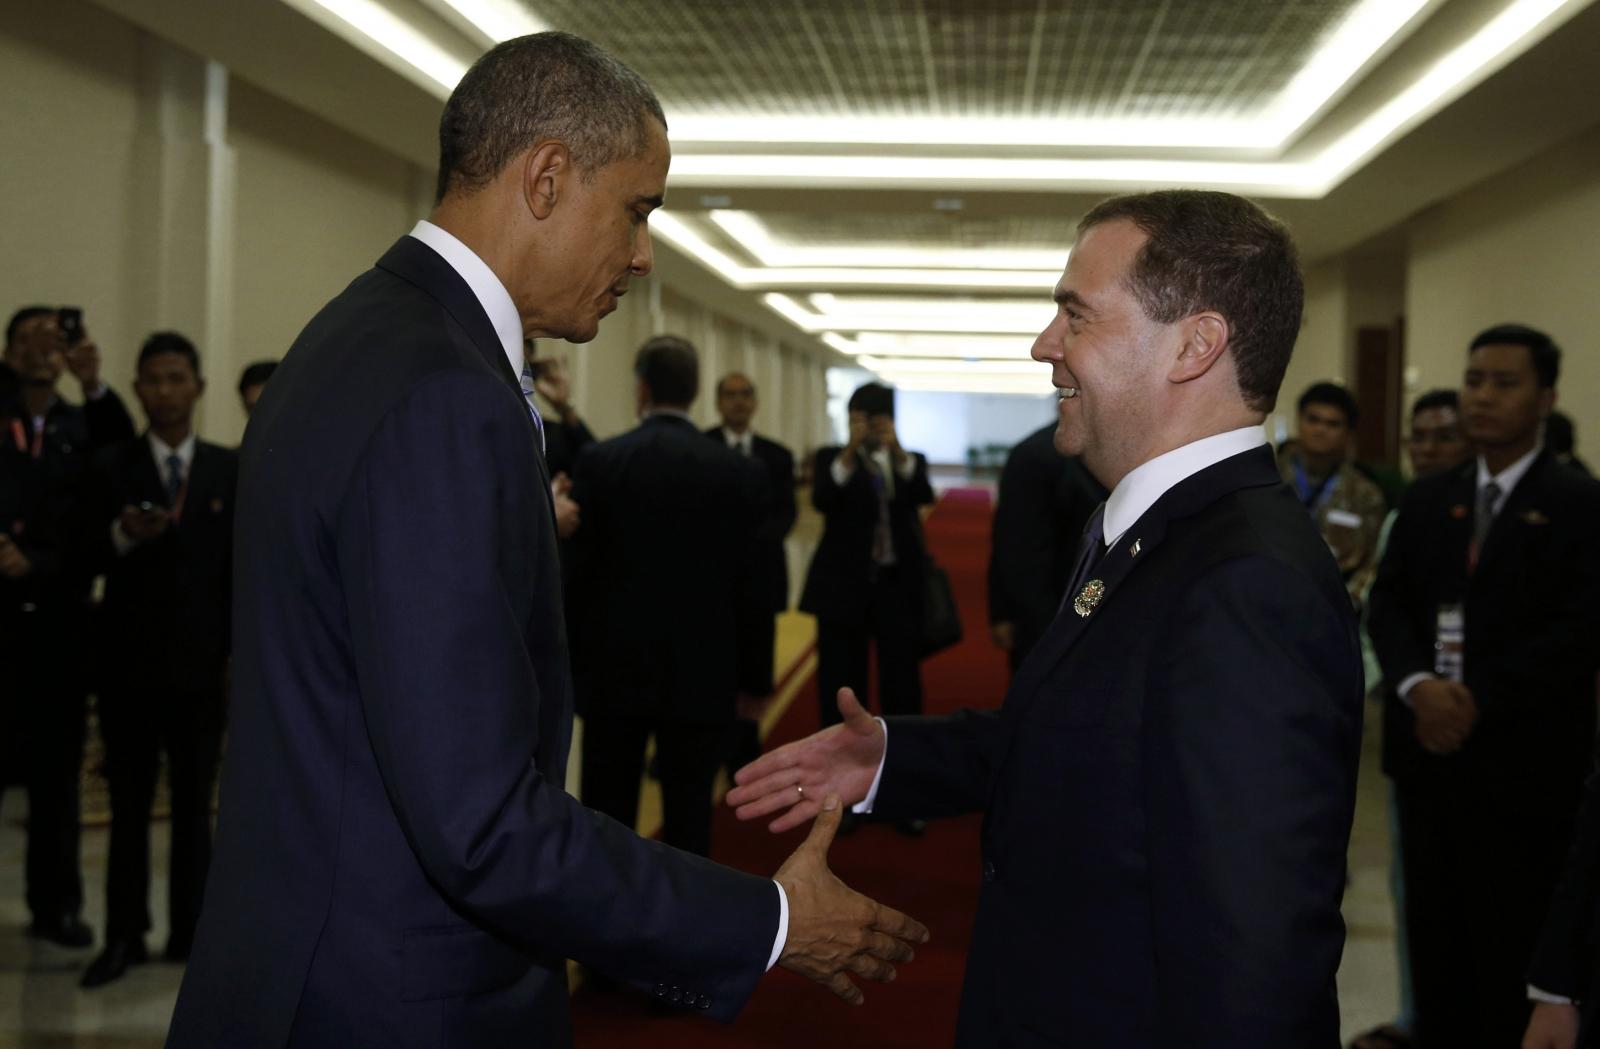 US tells UN to Increase Pressure on Russia over Ukraine